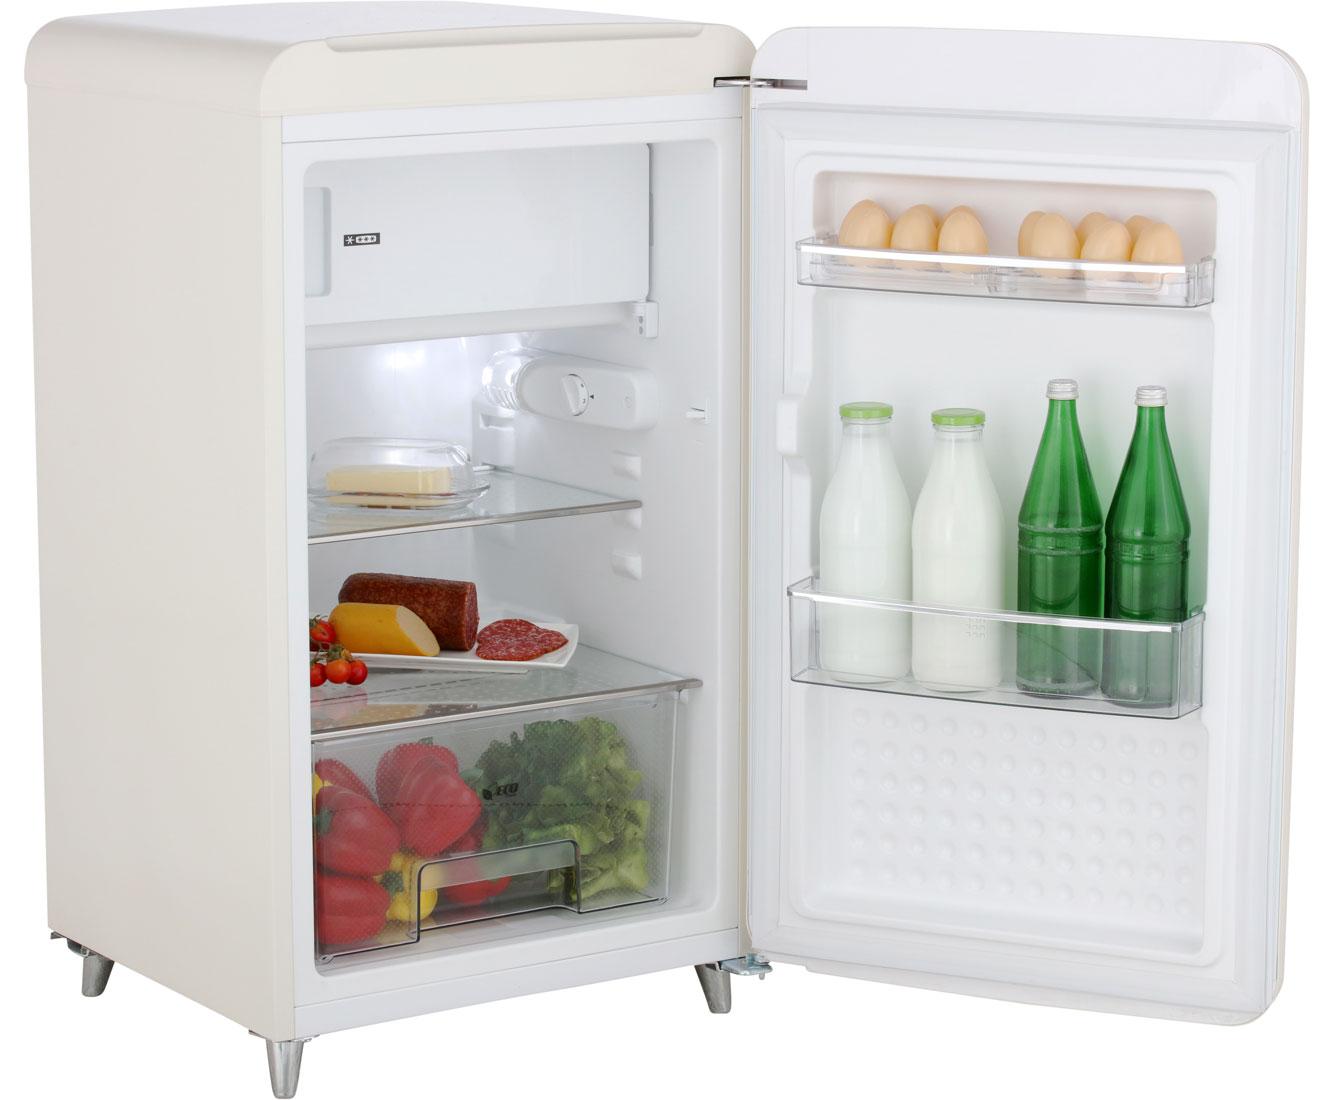 Bomann Kühlschrank Angebot : Bomann ksr kühlschrank mit gefrierfach beige retro design a